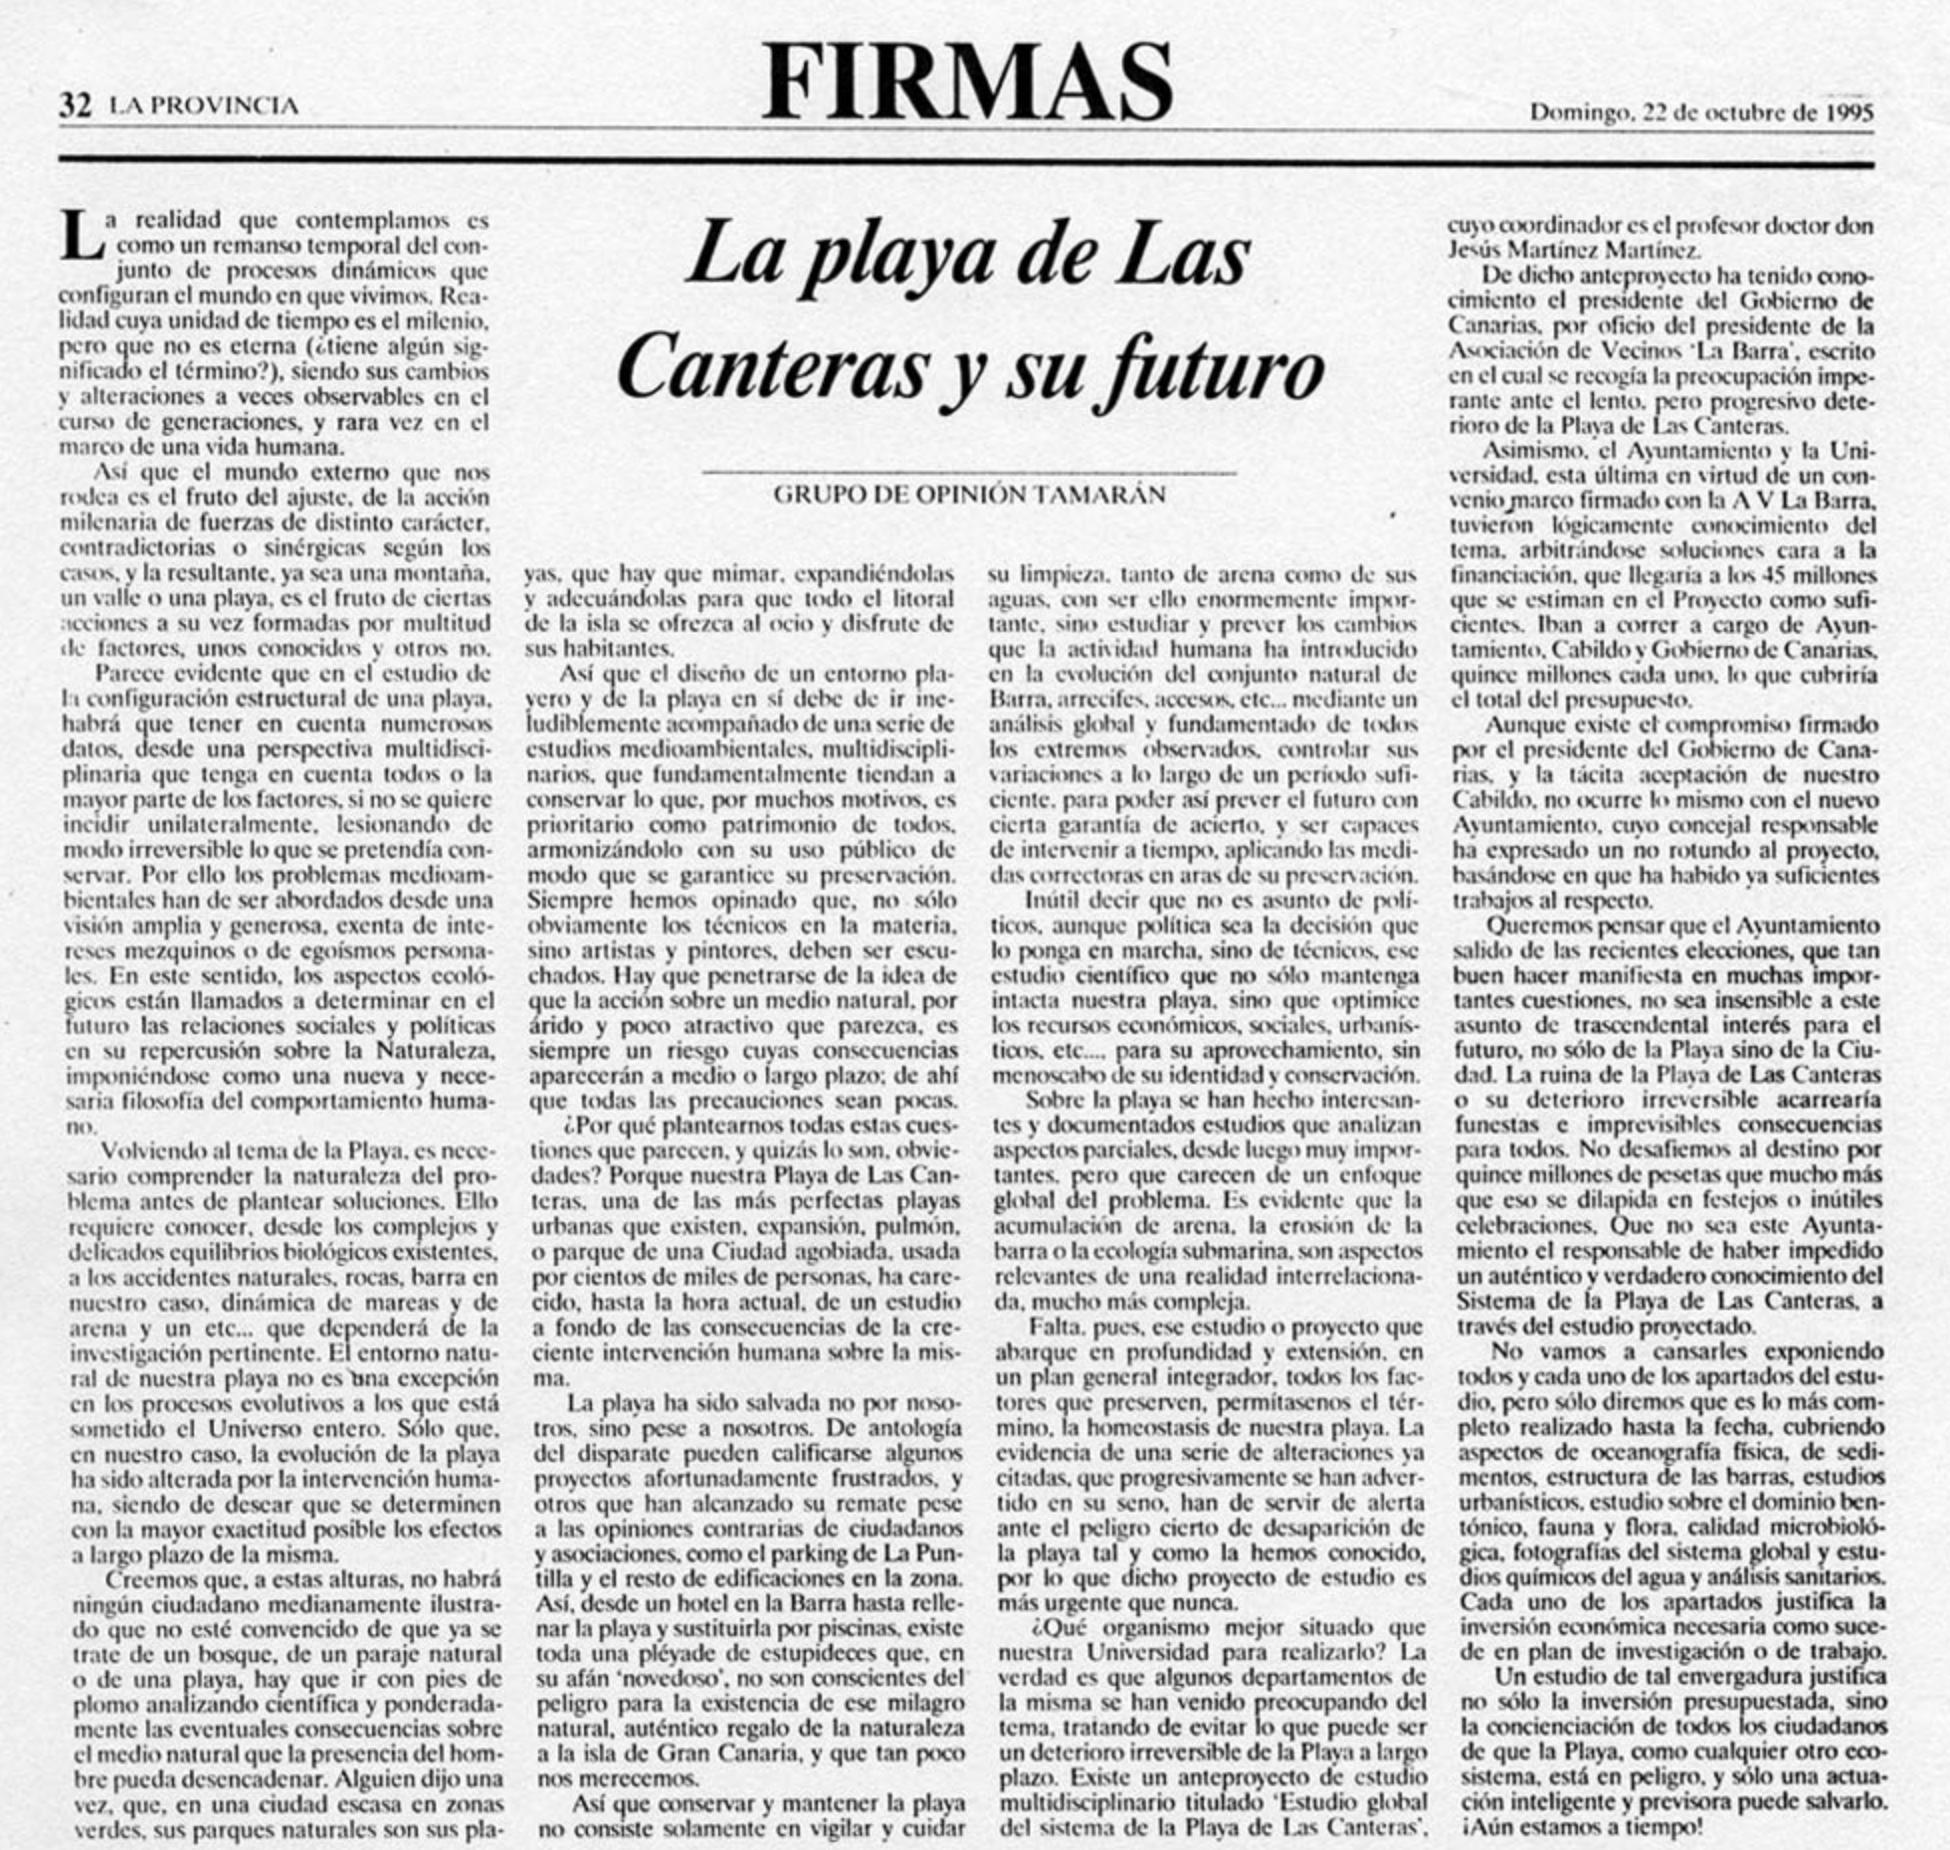 La playa de Las Canteras y su futuro por el Grupo de Opinión Tamarán (1995)